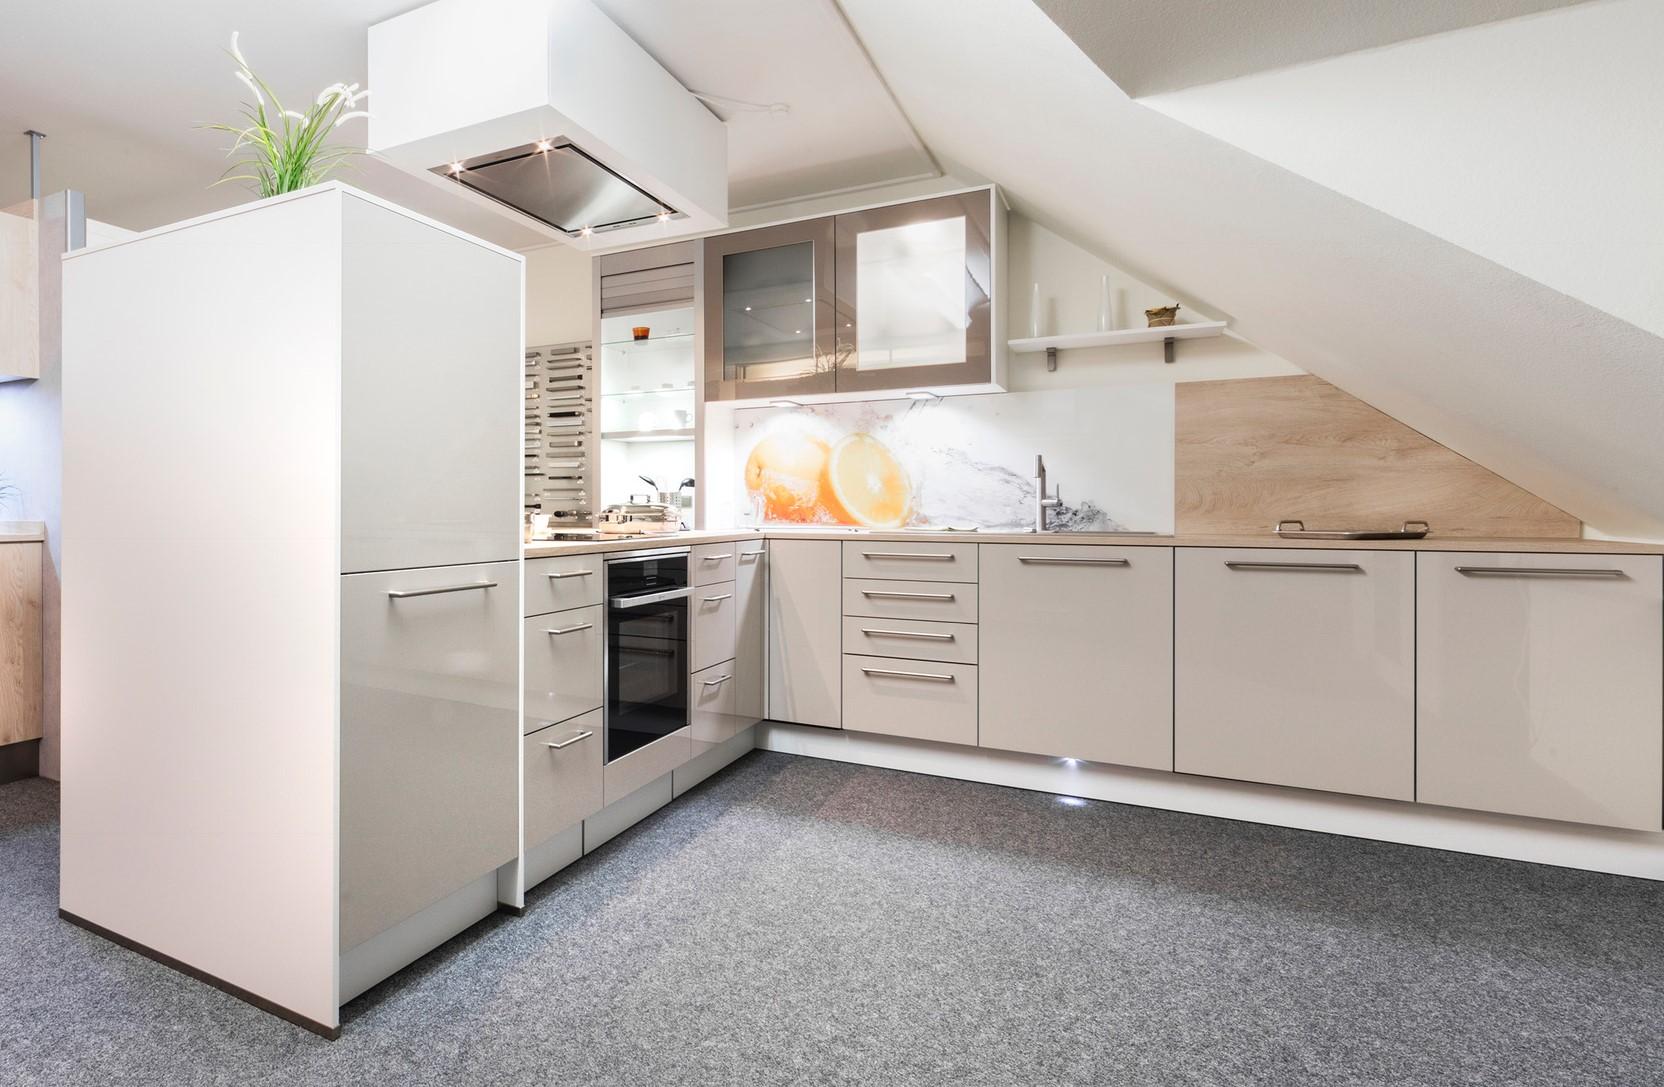 Niedlich Küchendesign Danbury Ct Ideen - Ideen Für Die Küche ...